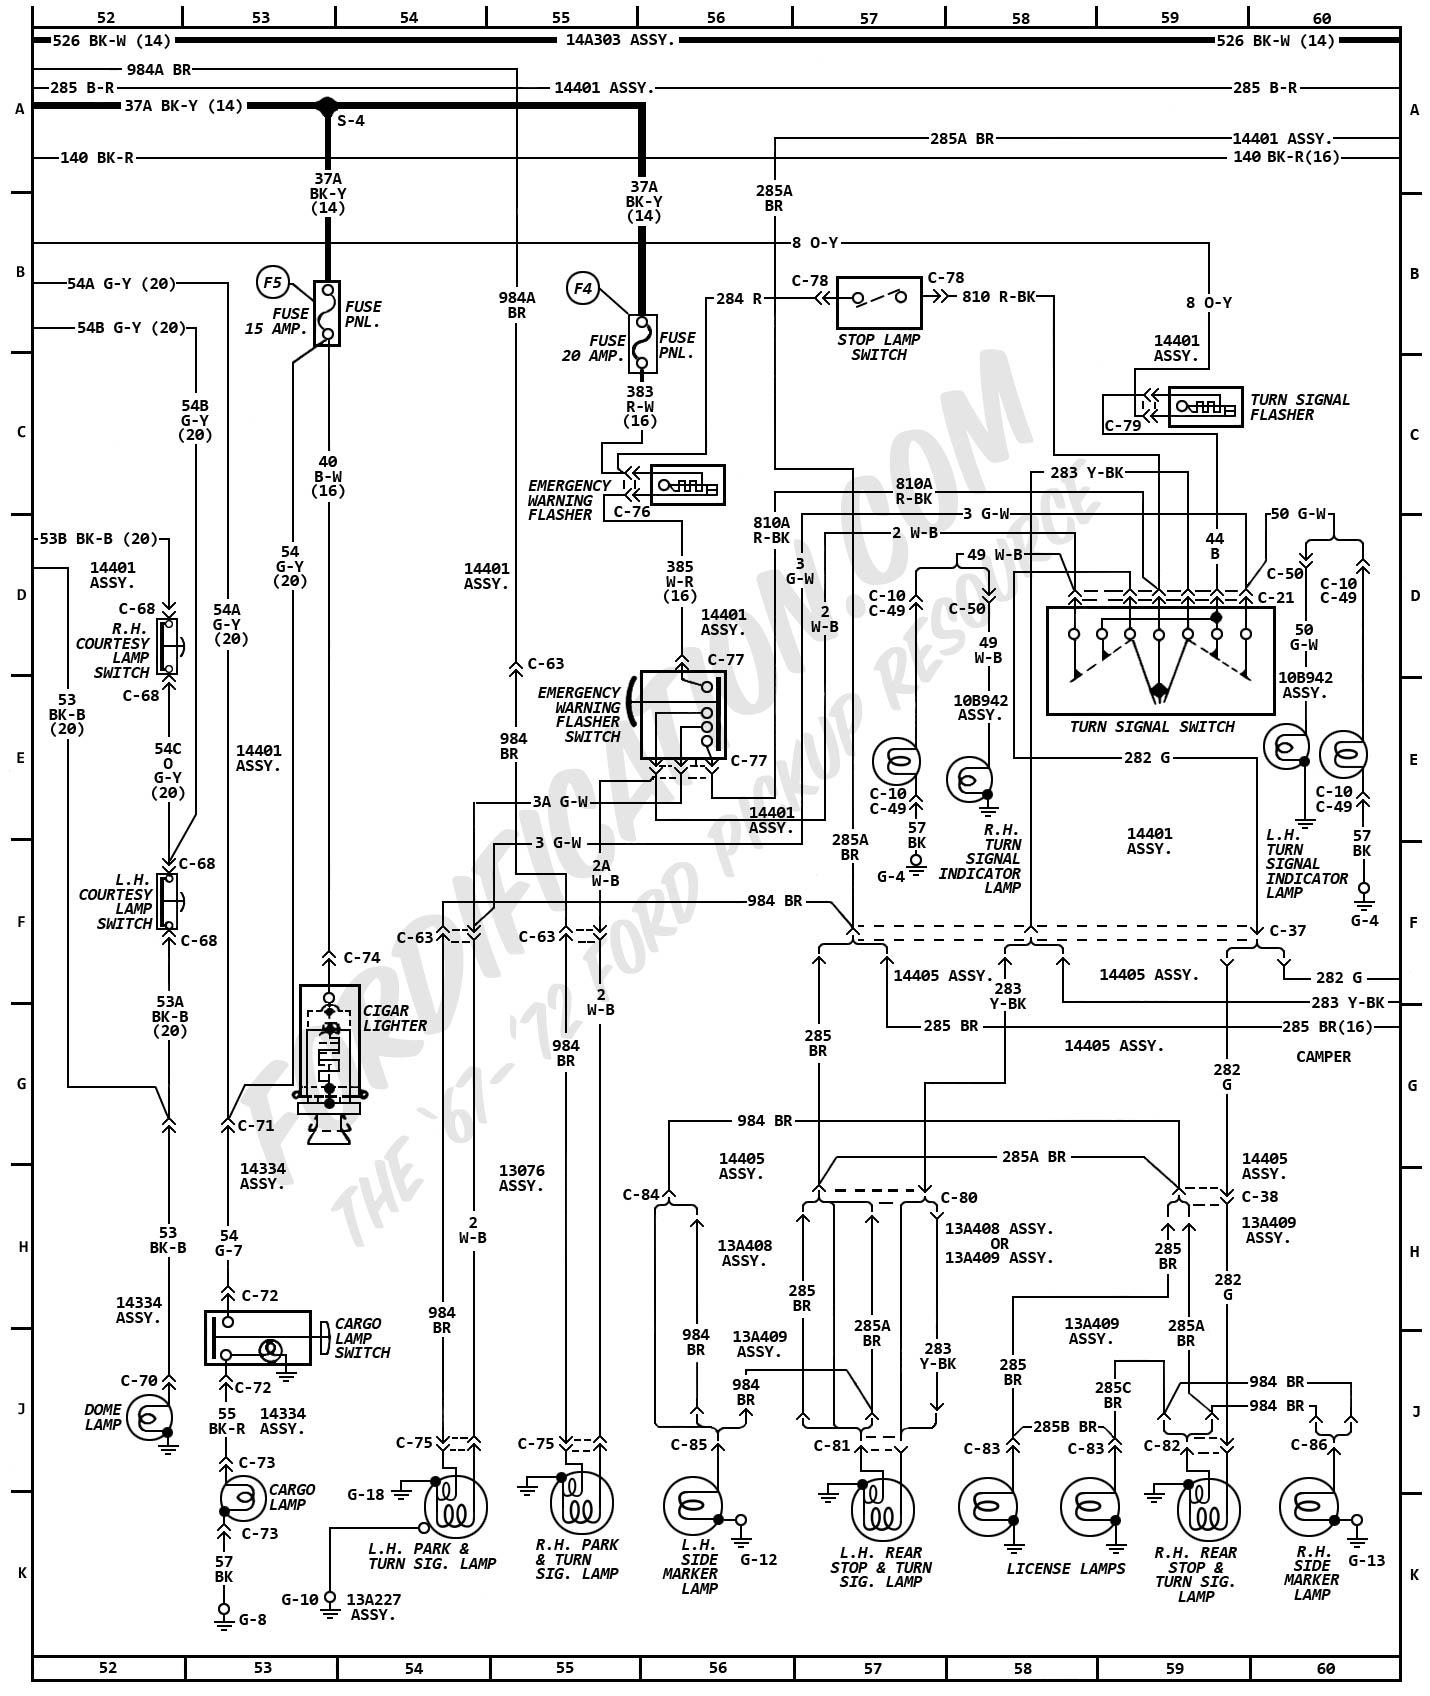 ford f53 ke wiring diagram  ford  auto wiring diagram